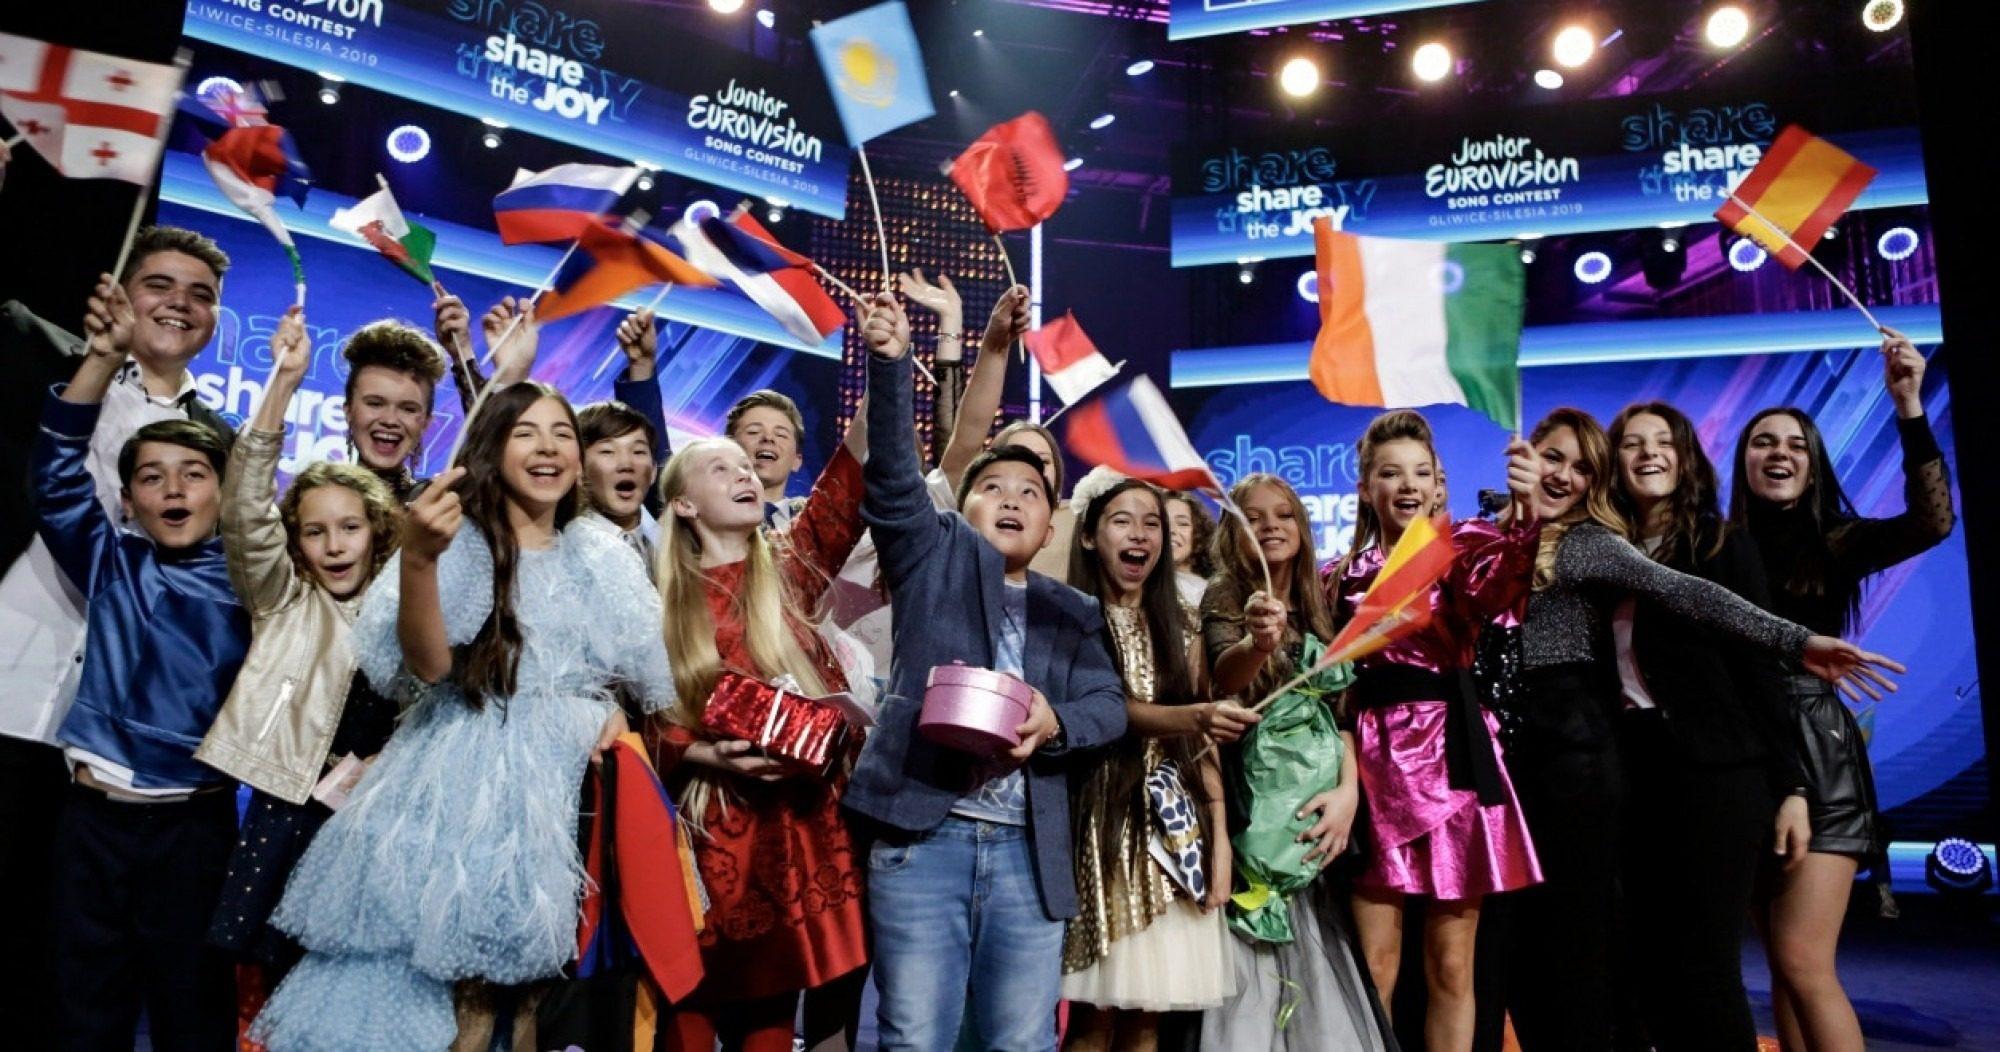 15042020_051102_Junior-Eurovision-2019-Opening-Ceremony-4_grande